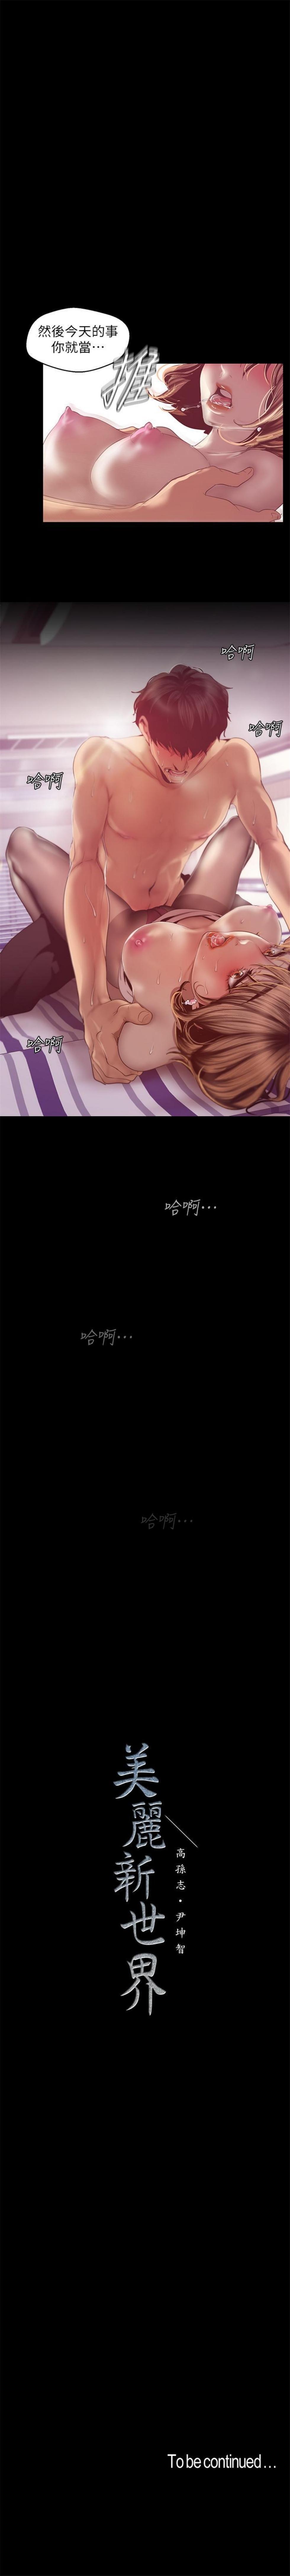 美麗新世界 1-85 官方中文(連載中) 717